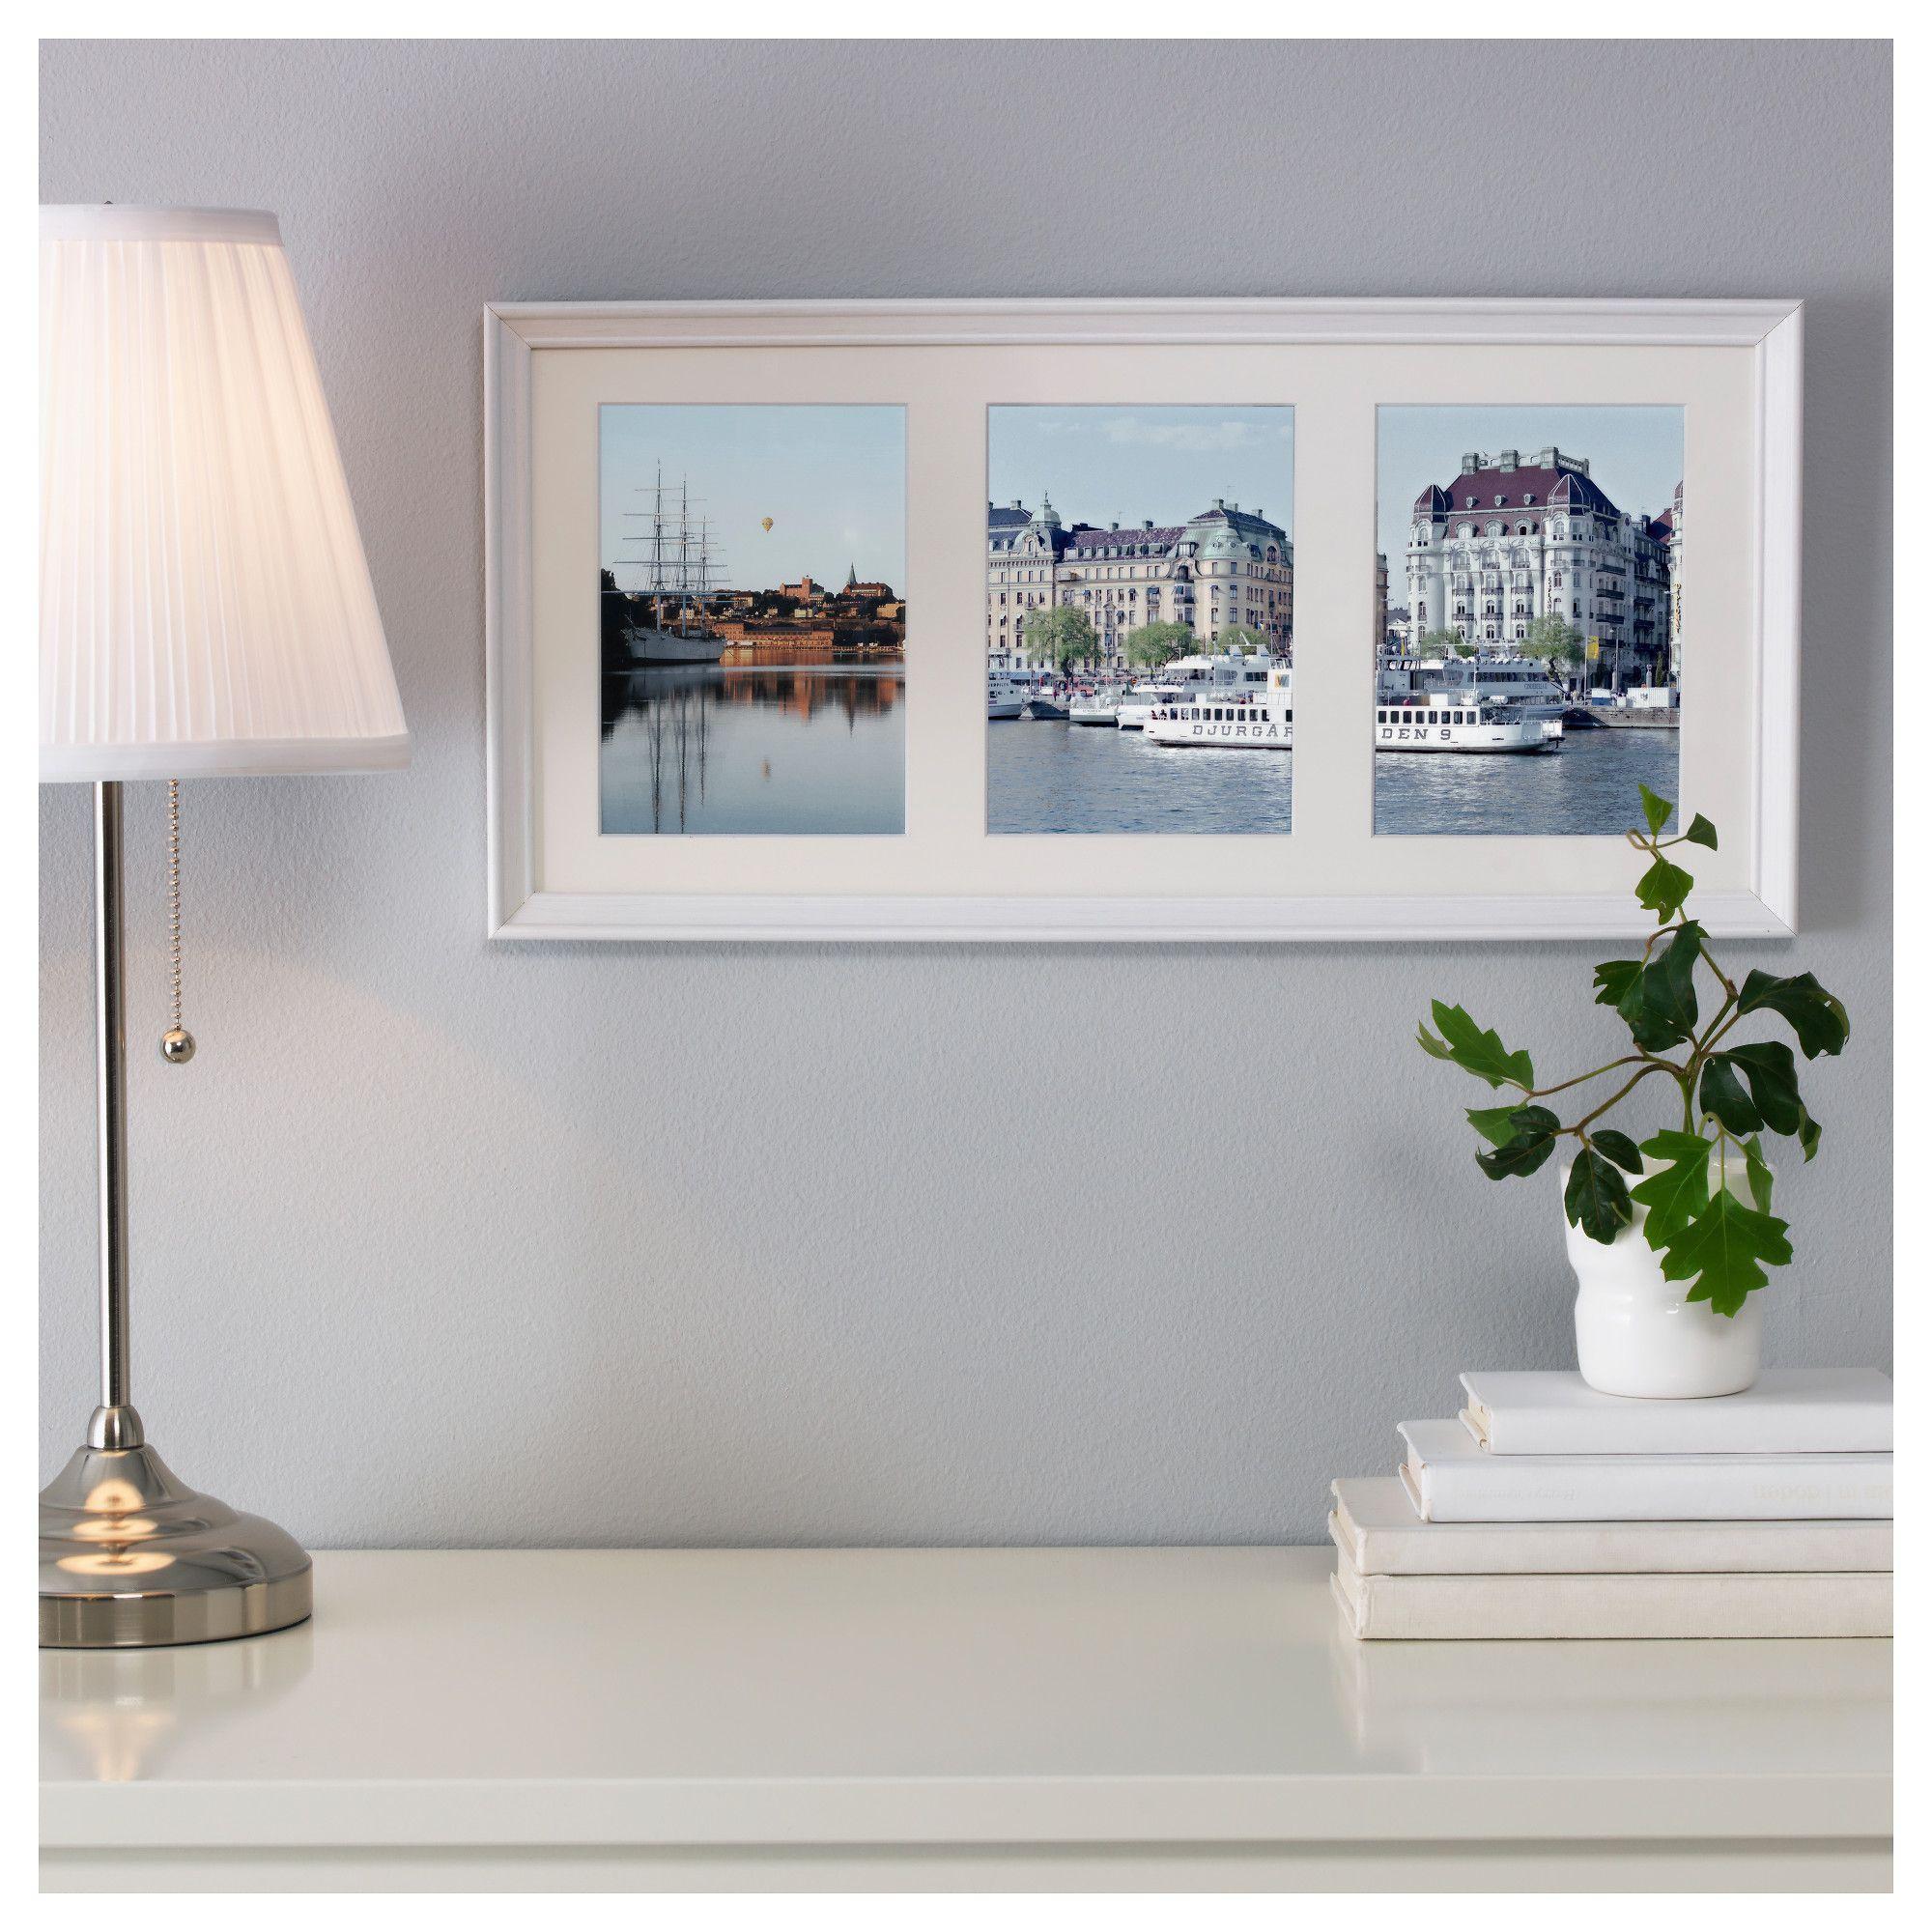 KNOPPANG Κάδρο για 3 φωτογραφίες - IKEA | bedroom | Pinterest